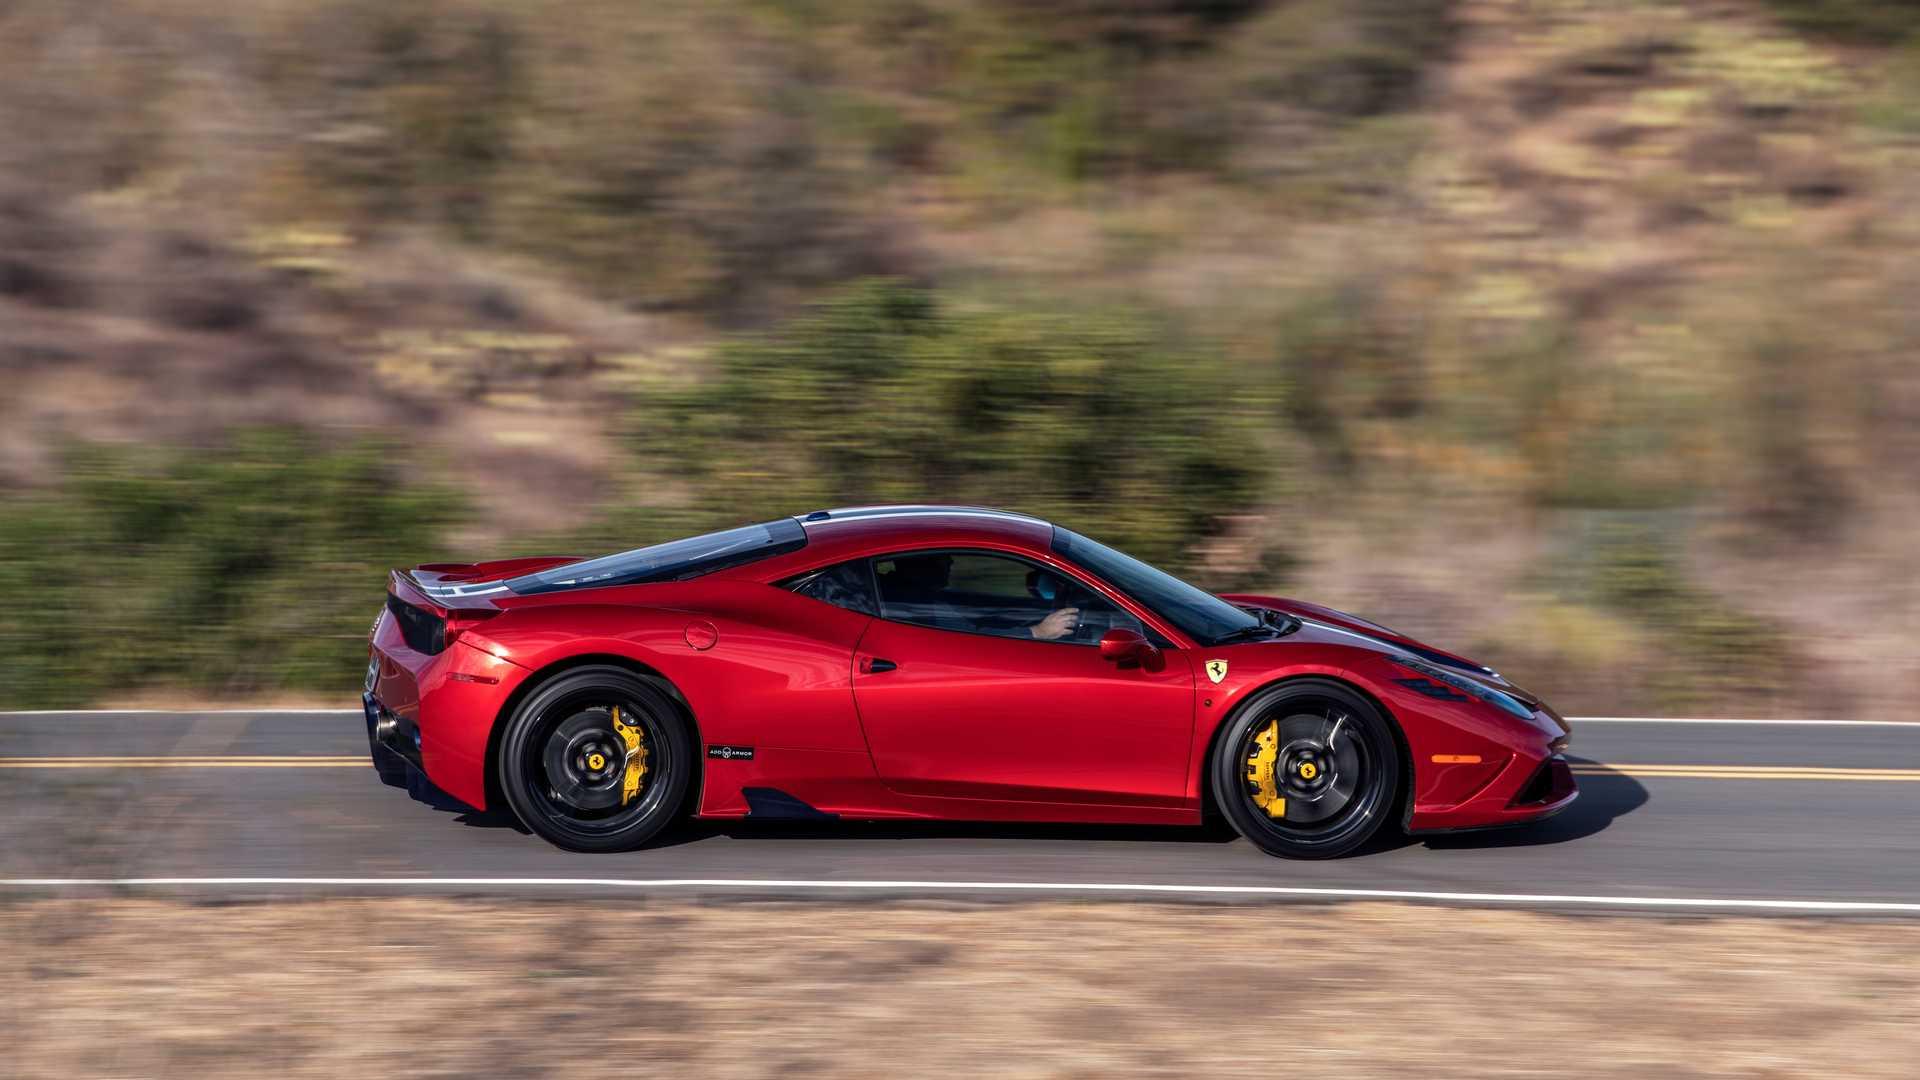 Ferrari-458-Speciale-AddArmor-6